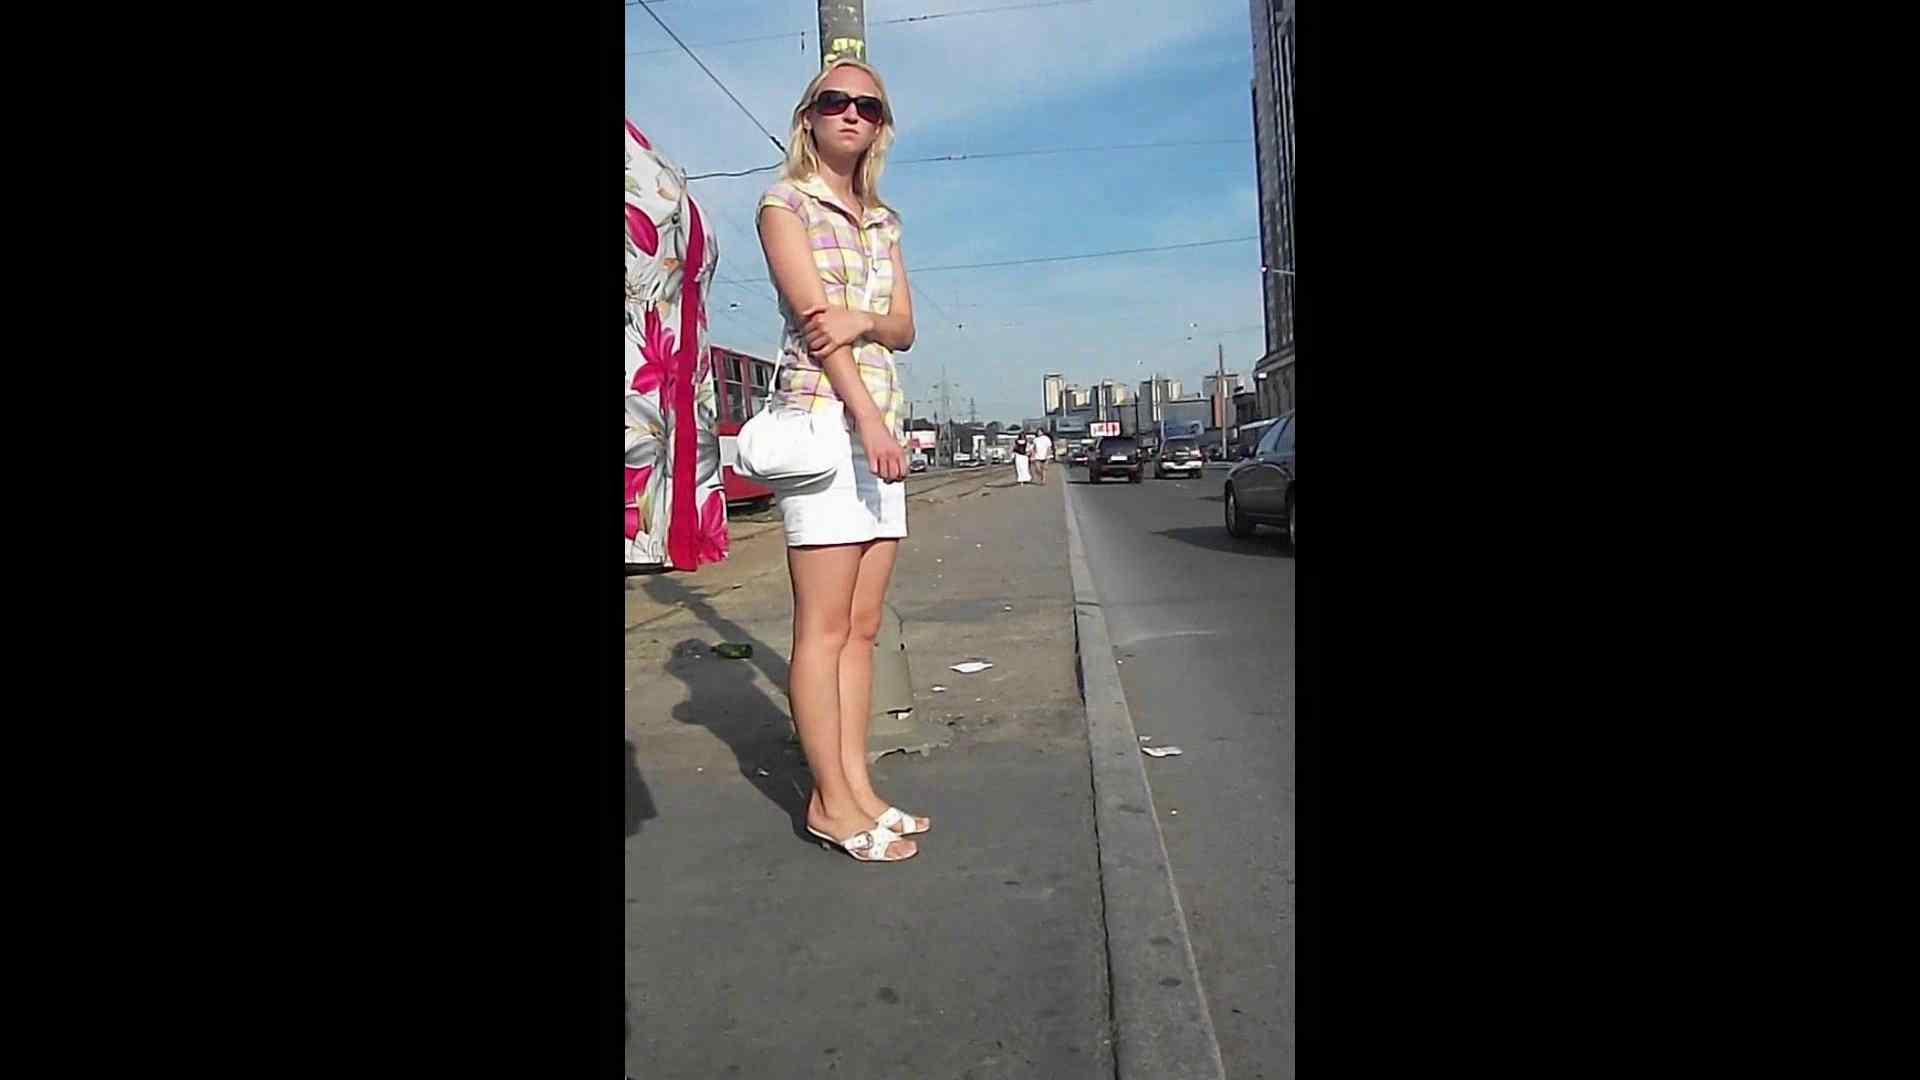 綺麗なモデルさんのスカート捲っちゃおう‼vol05 0  61pic 4